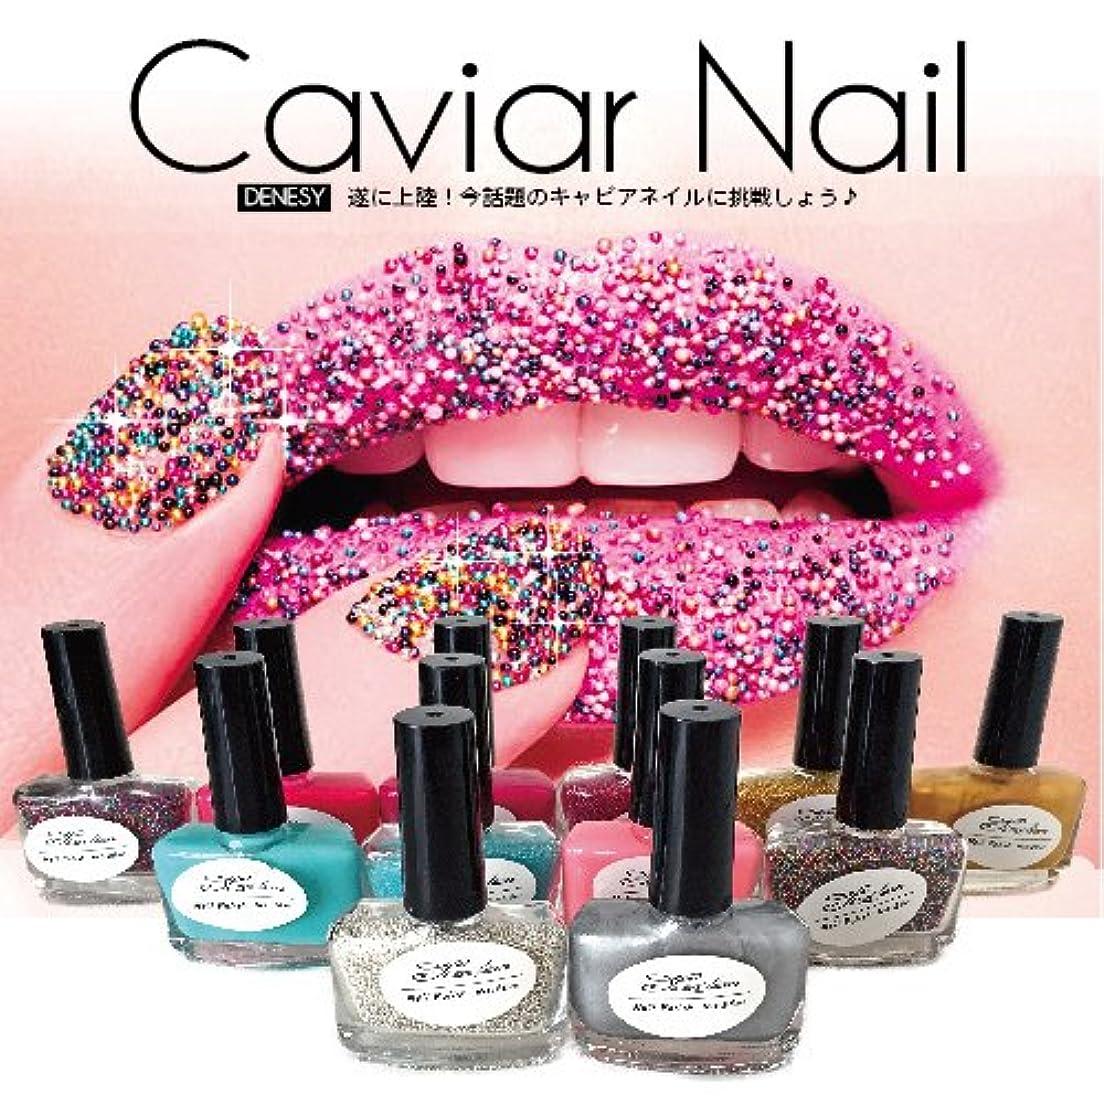 降雨こしょう不変キャビアネイル DENESY Caviar Nail (3点セット)NEWリニューアル 08:グリーン [マニキュア ネイルカラー ネイルポリッシュ SHANTI Caviar Manicure kit]